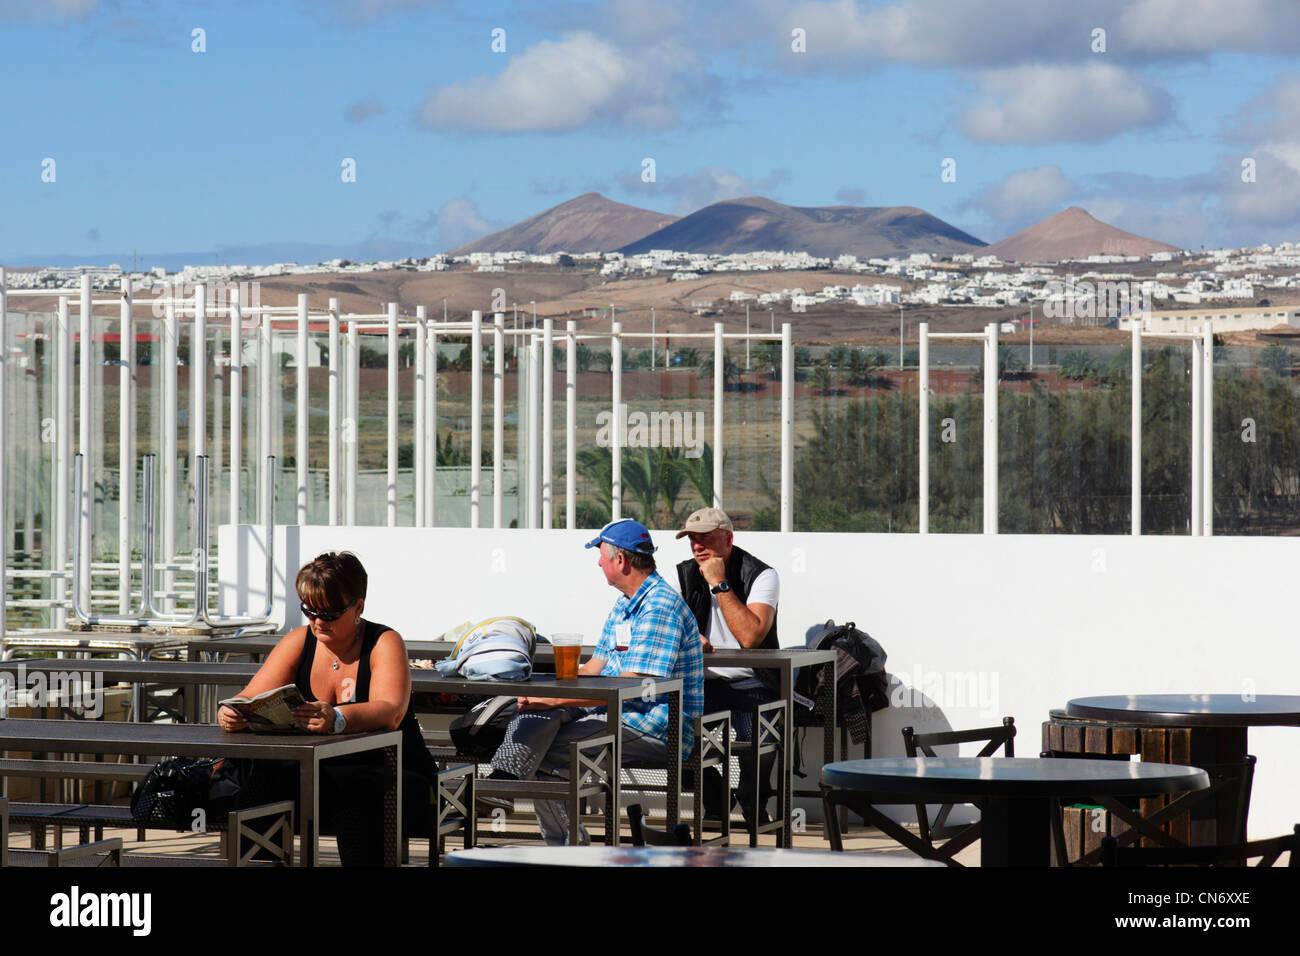 Lanzarote, Kanarische Inseln - Flughafen Arrecife. Outdoor-Café-bar Sitzgelegenheiten mit Rauchen erlaubt. Stockbild